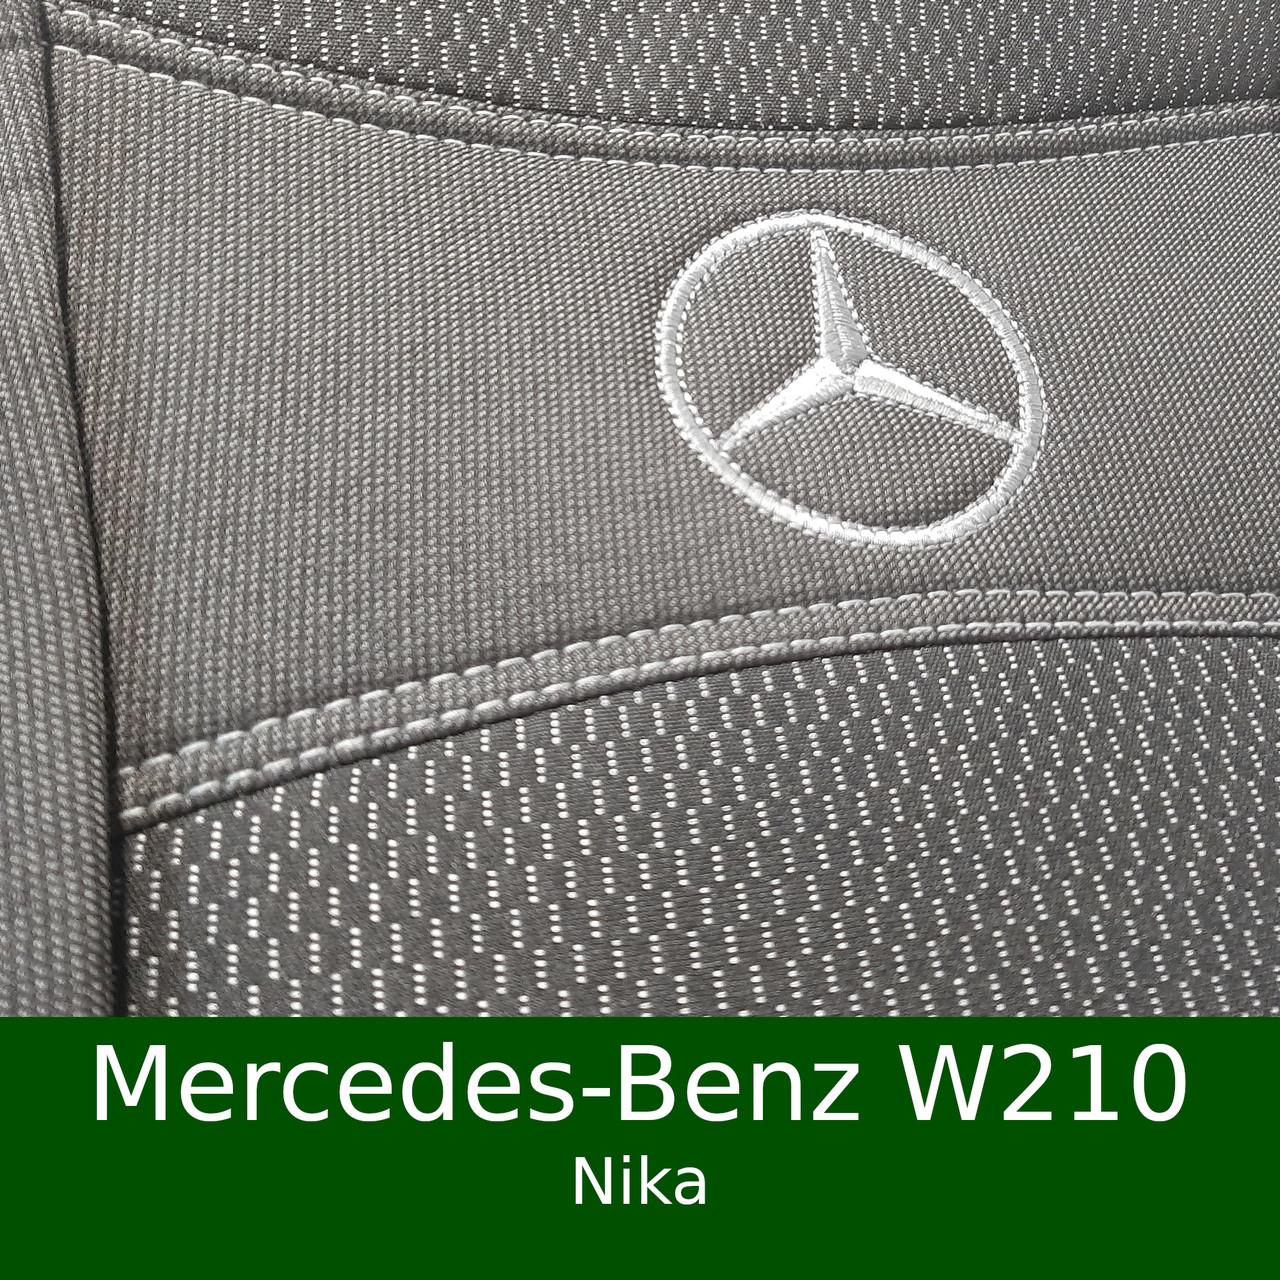 Чехлы на сиденья Mercedes-Benz W210 1995-2003г (Nika)